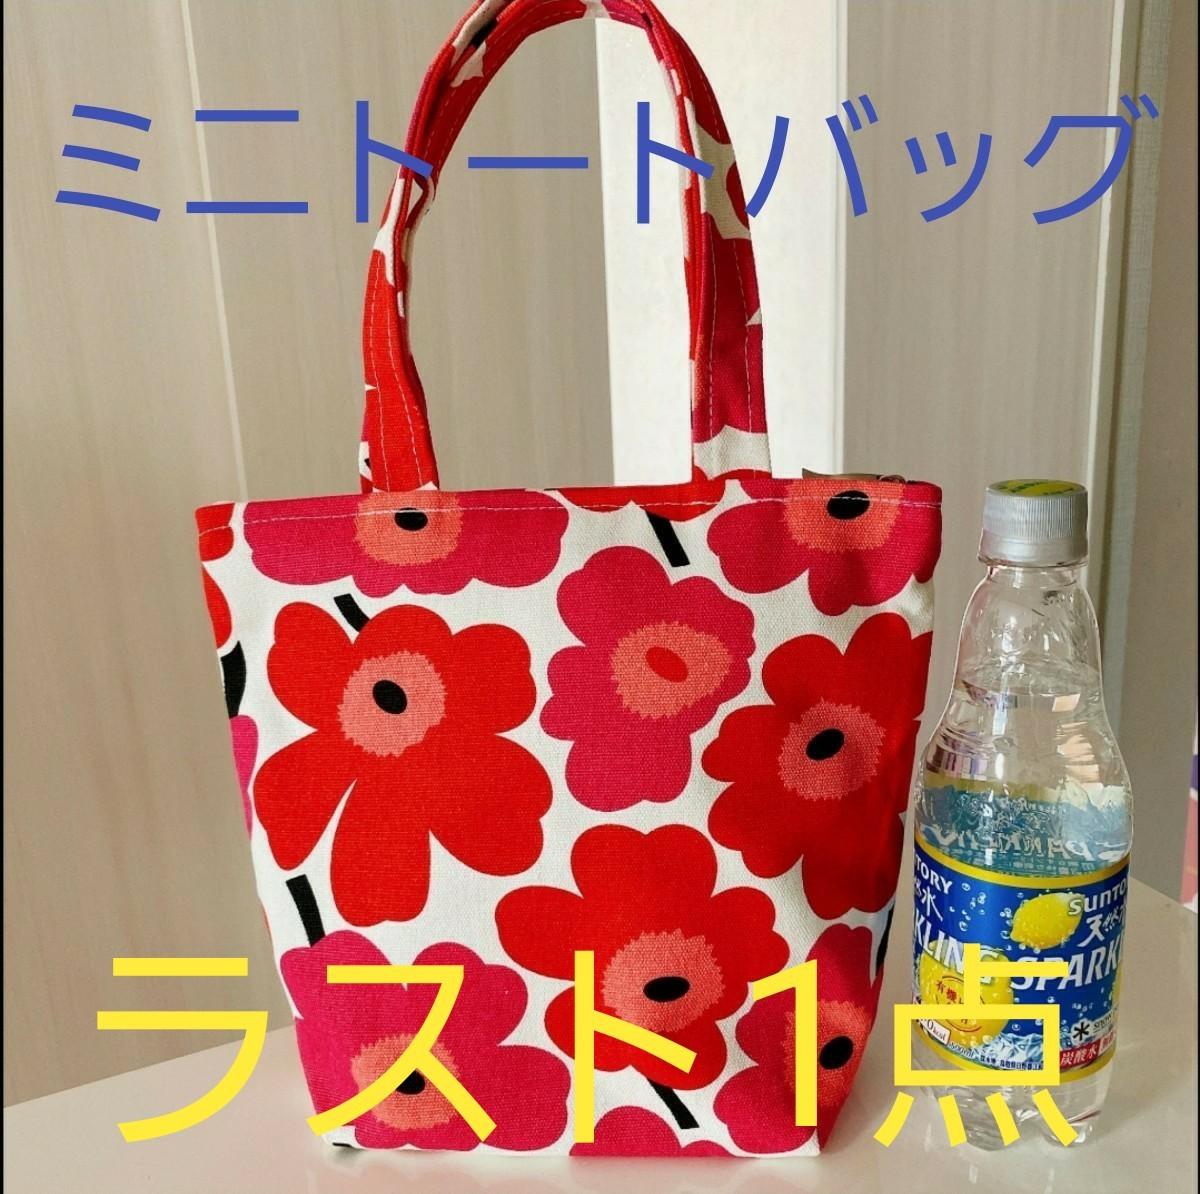 トートバッグ ミニ 可愛いバッグ ウニッコ 北欧 人気 新品未使用 サブバッグ ランチバッグ 花柄 プレゼント まとめ買い